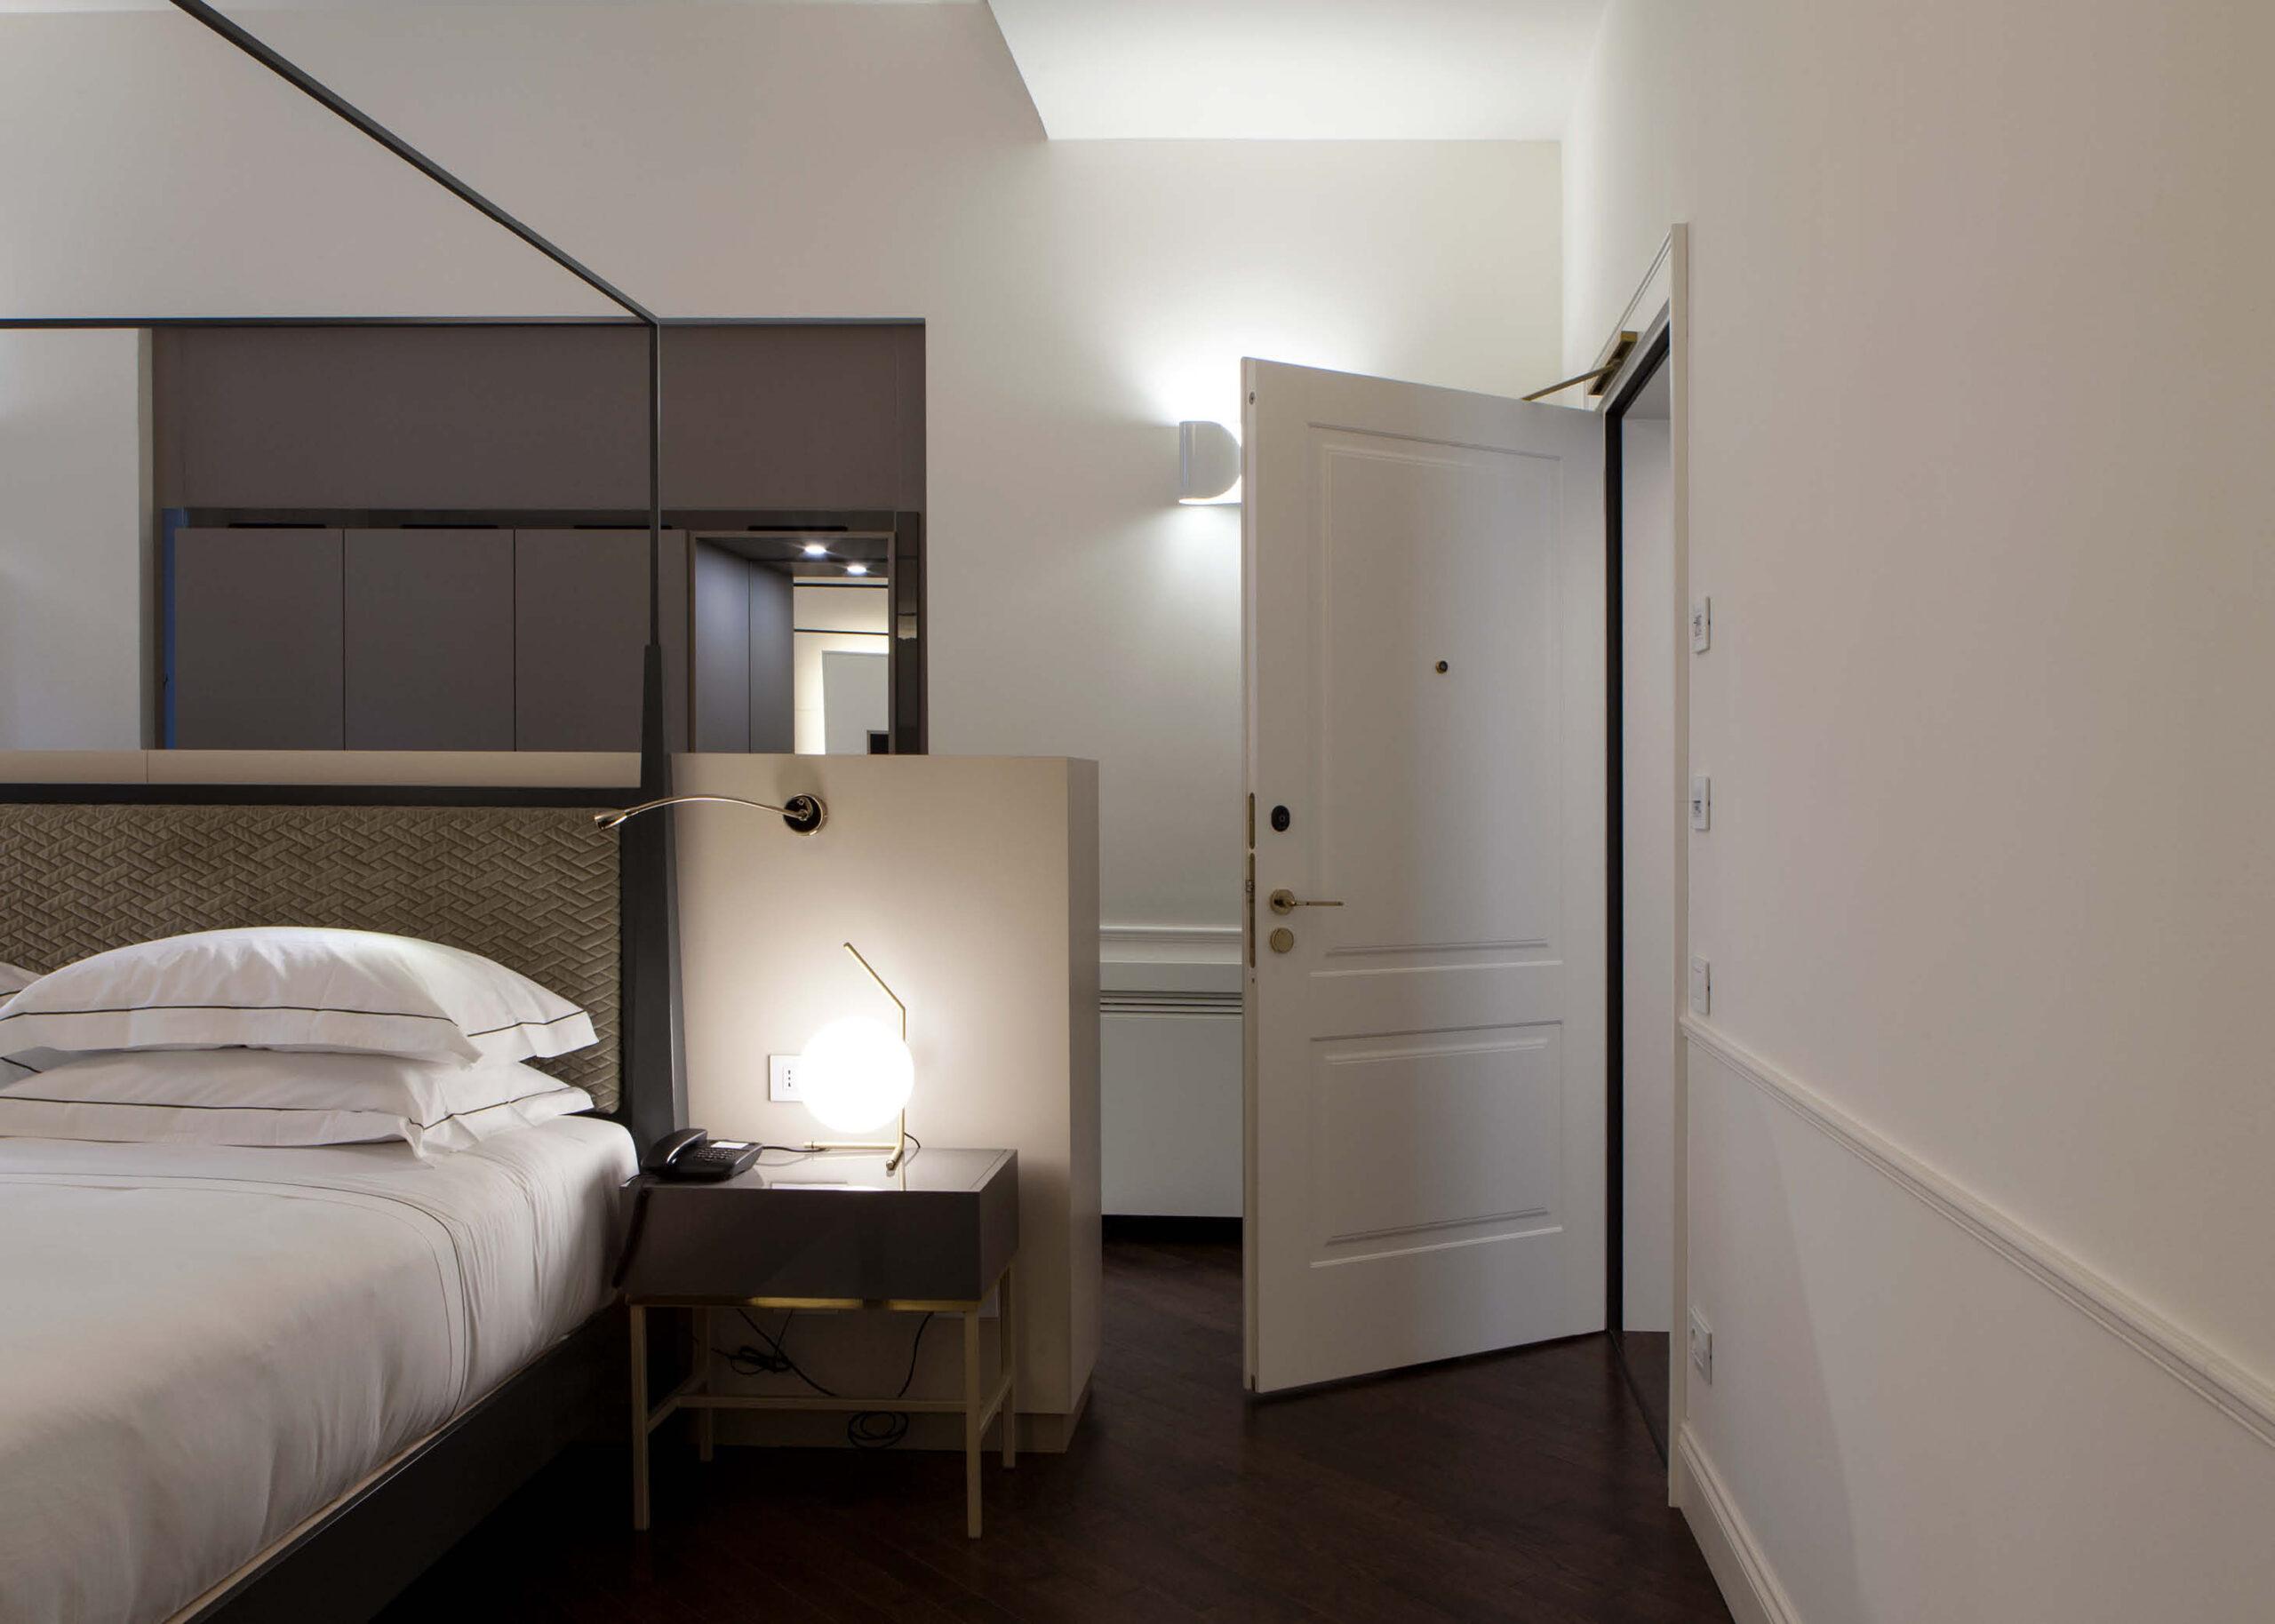 https://www.gd-dorigo.com/wp-content/uploads/2020/10/Porte-Hotel-Villa-Soligo-GD-Dorigo-3-1280x914.jpg